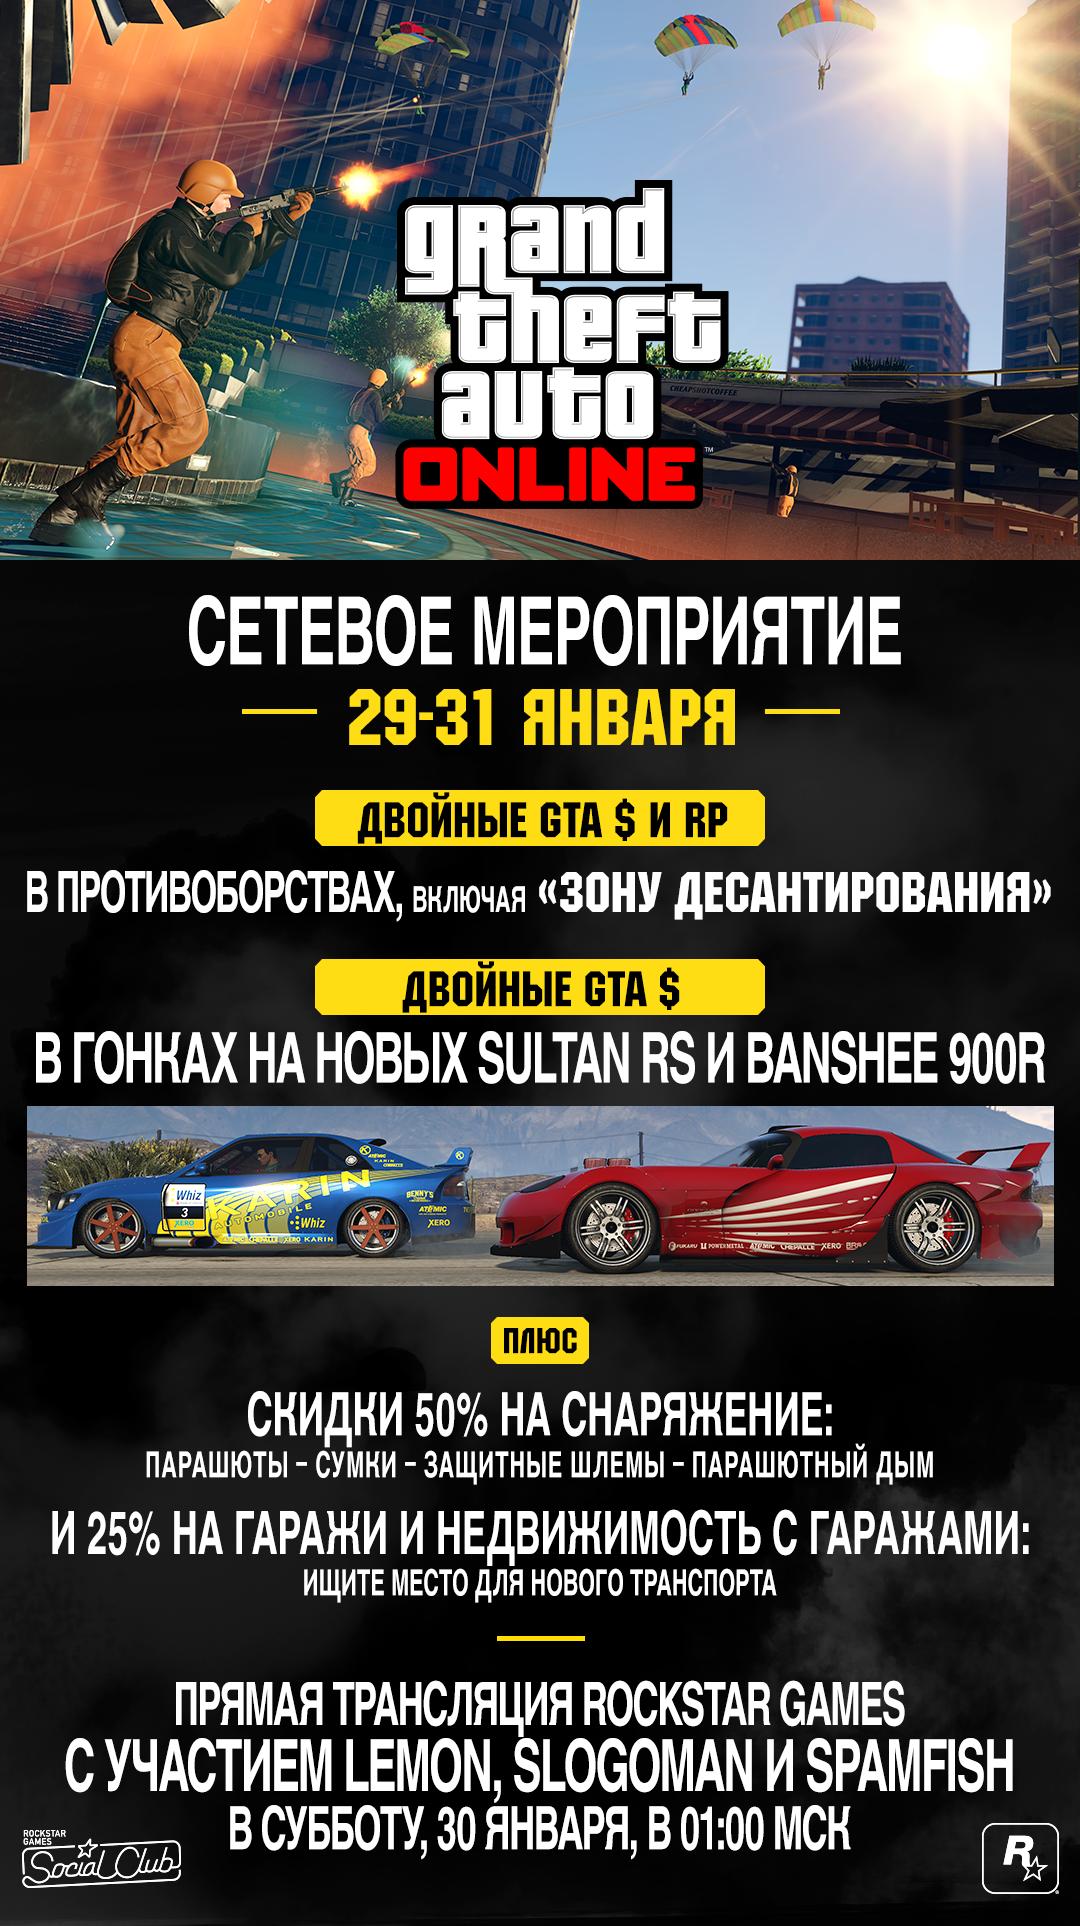 Сетевое мероприятие GTA Online: вдвое больше долларов GTA и RP во всех видах режима «Противоборство» и гонках